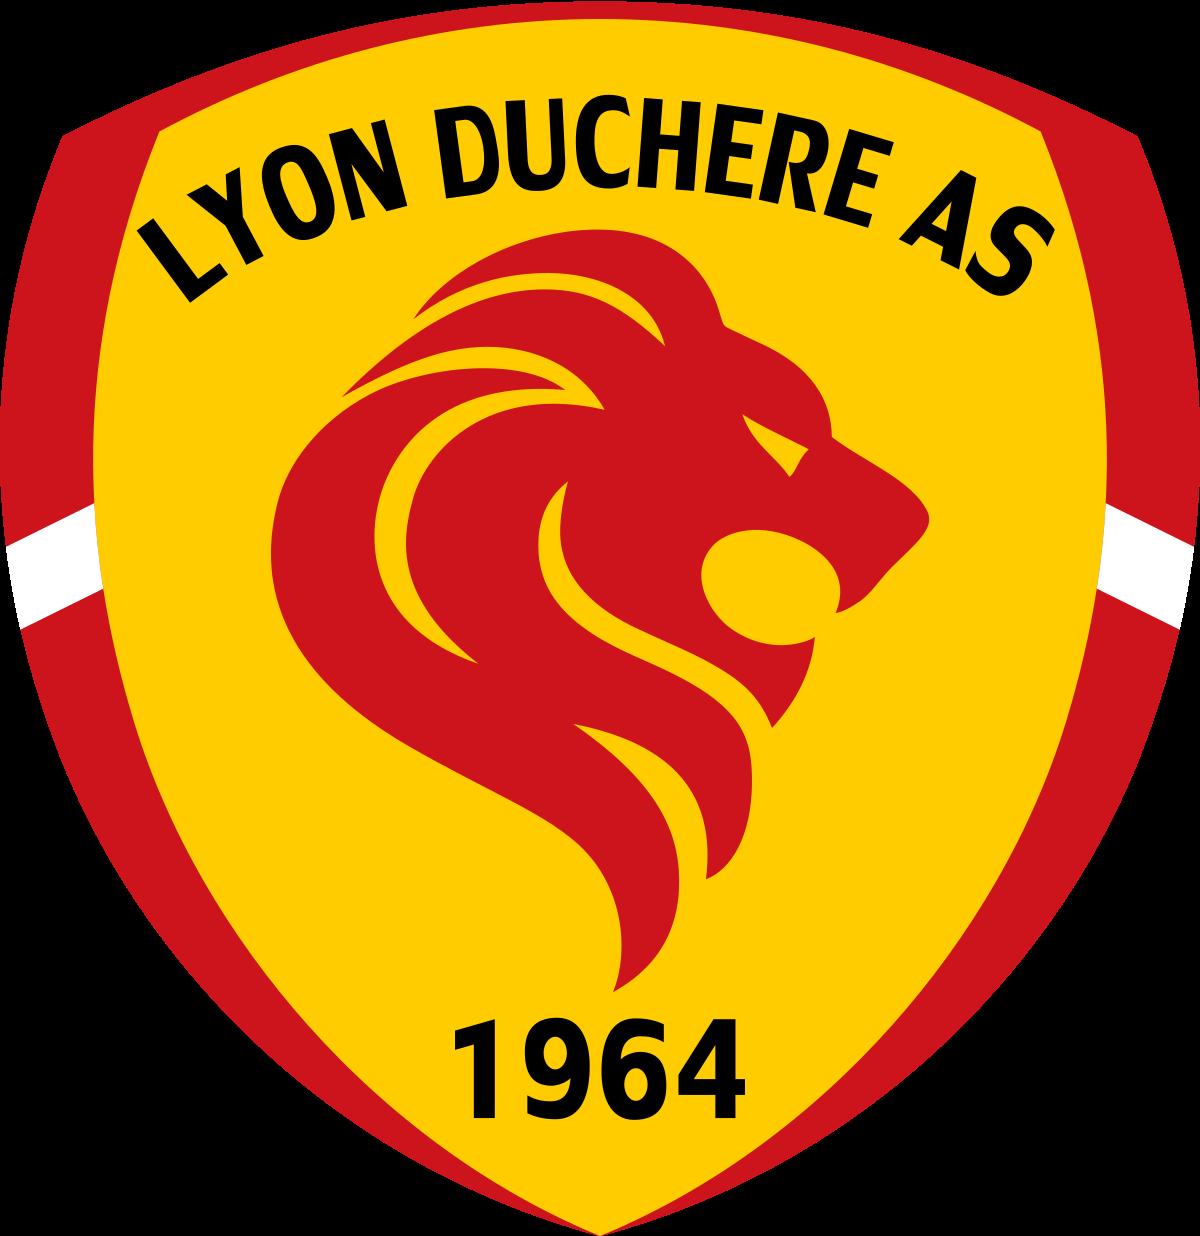 Pourquoi Lyon Duchère AS s'appelle toujours Lyon Duchère AS ?